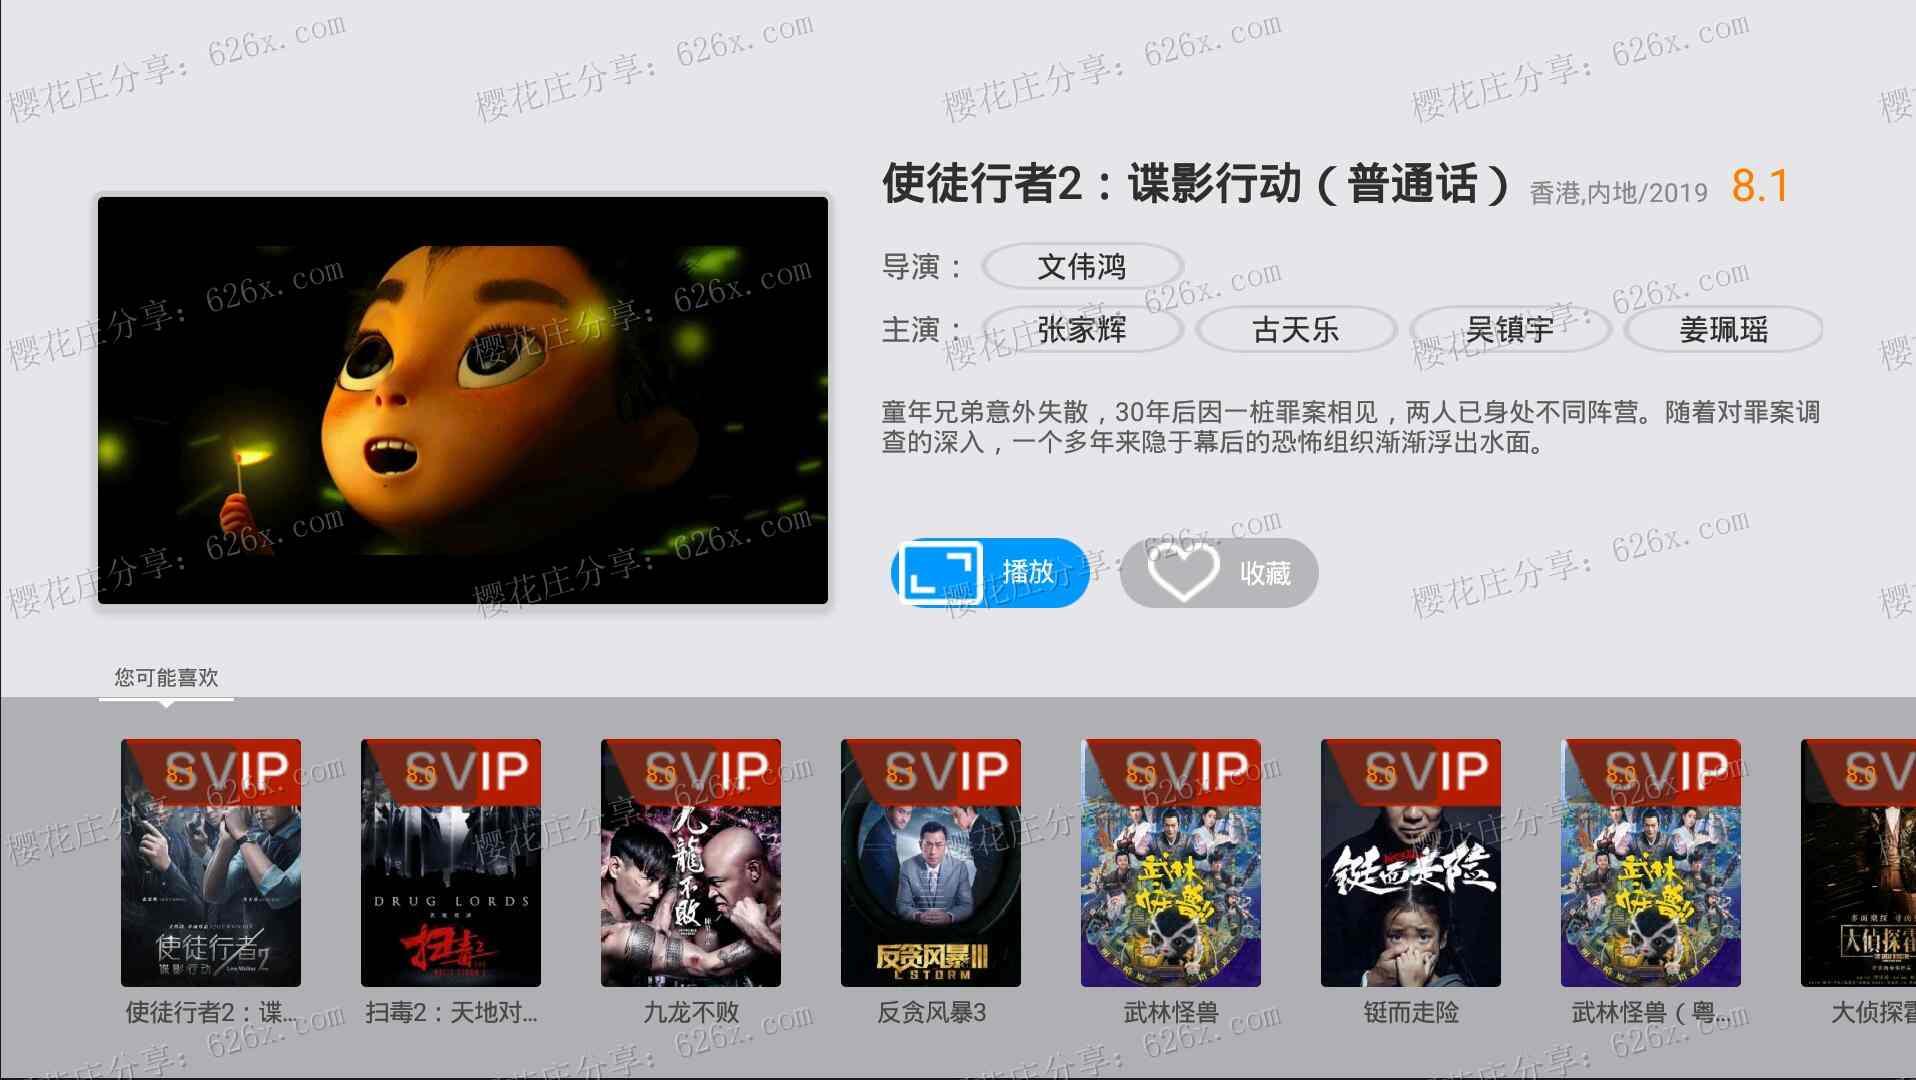 电视盒子影视软件:CIBN聚精彩_v4.0.30 去广告免SVIP版,解锁所有影视 配图 No.2